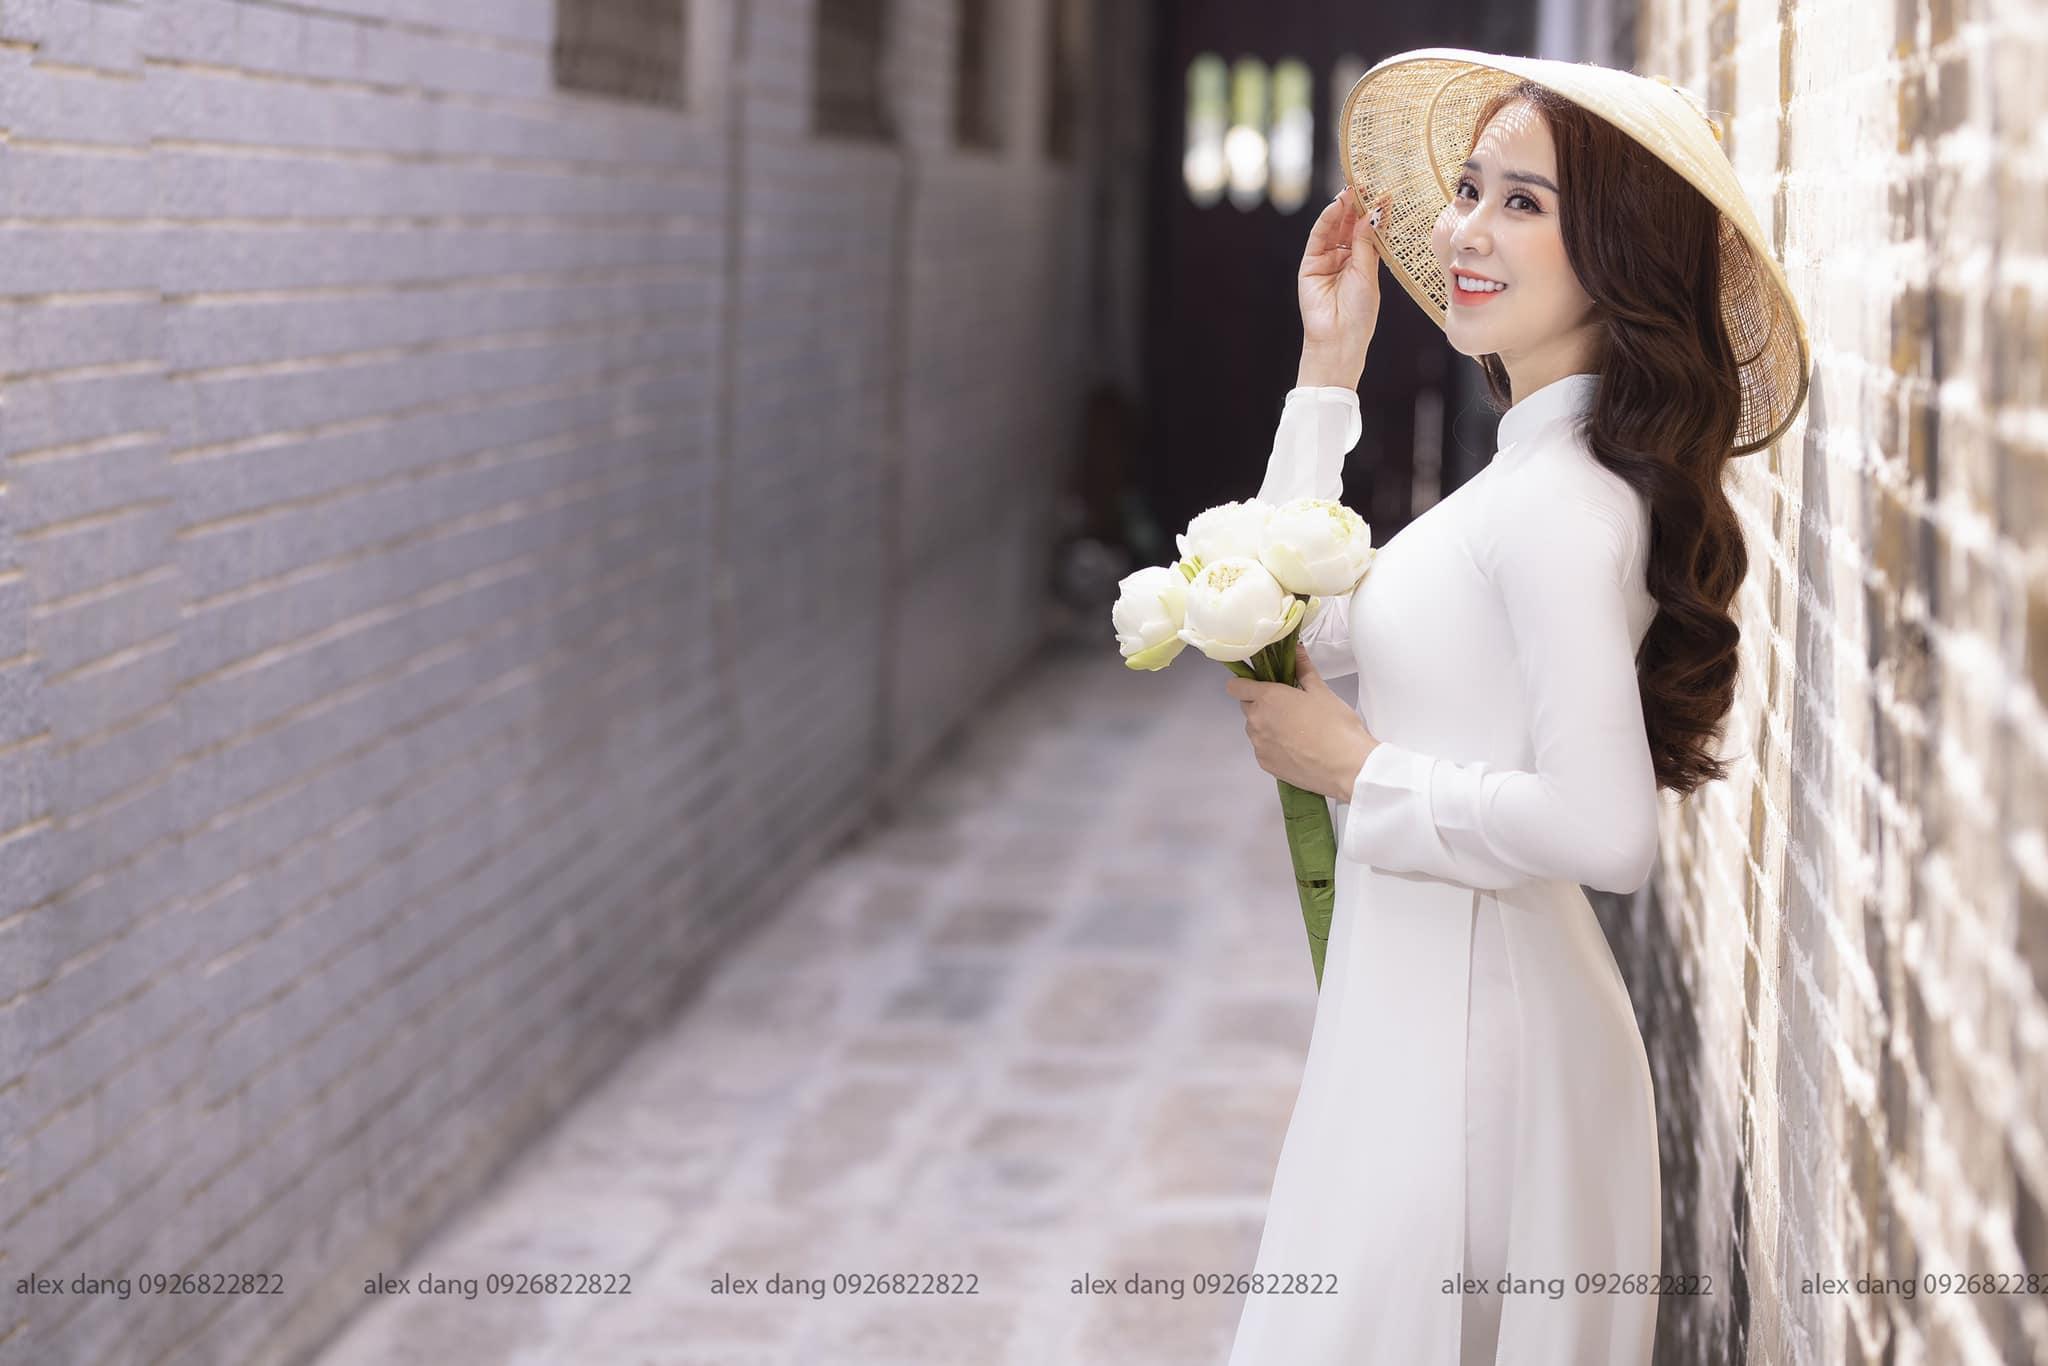 Ngắm hot girl Lục Anh xinh đẹp như hoa không sao tả xiết trong tà áo dài truyền thống - 1